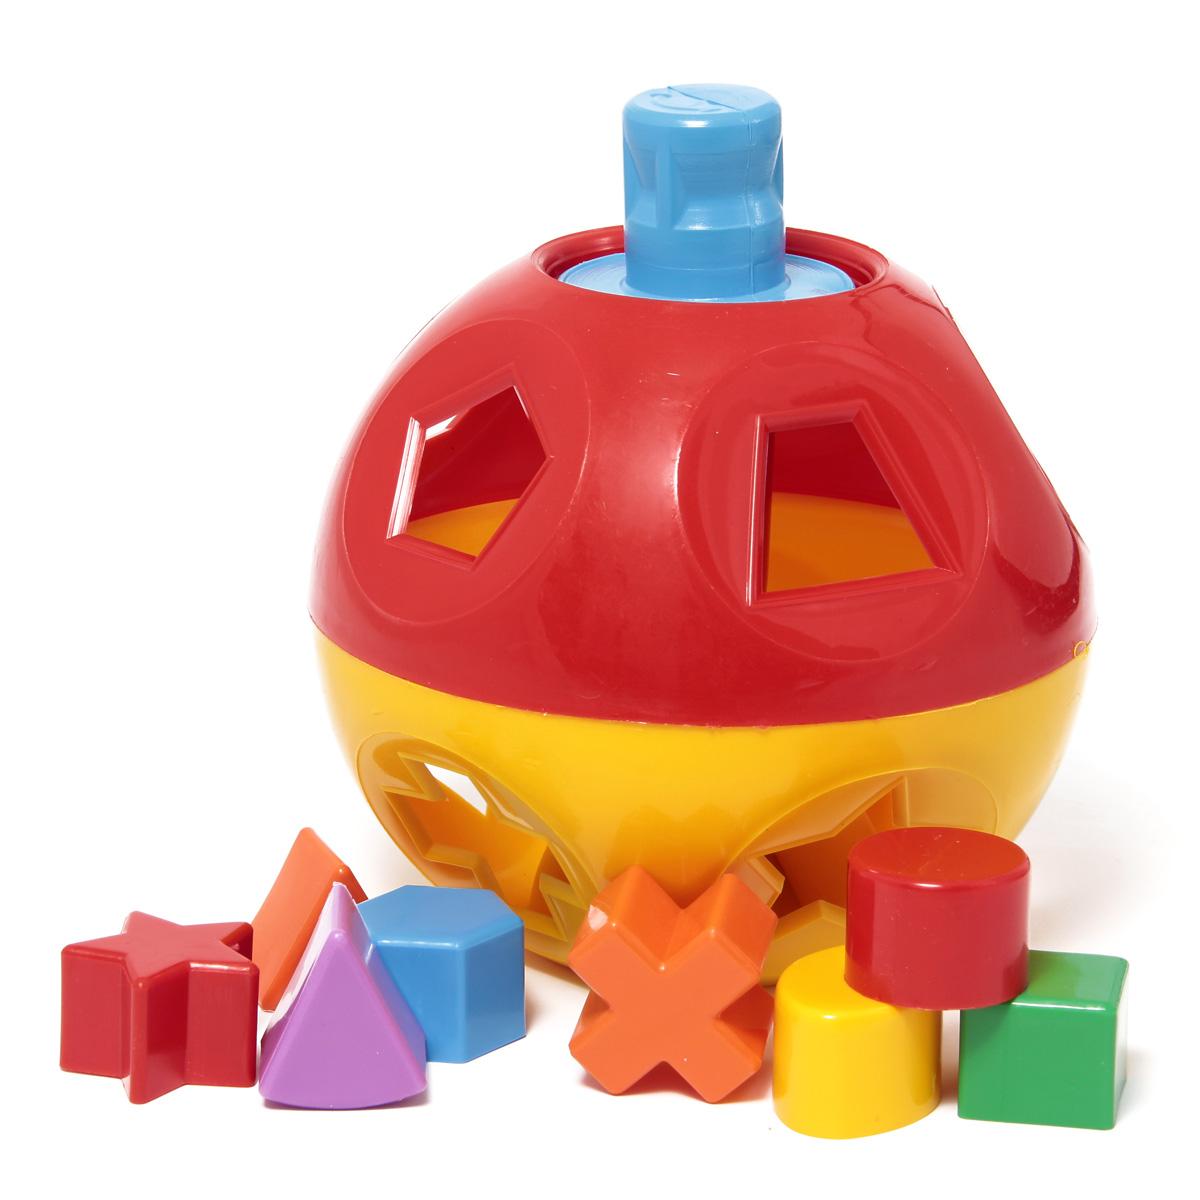 Развивающая игрушка Логический шар Nina/24